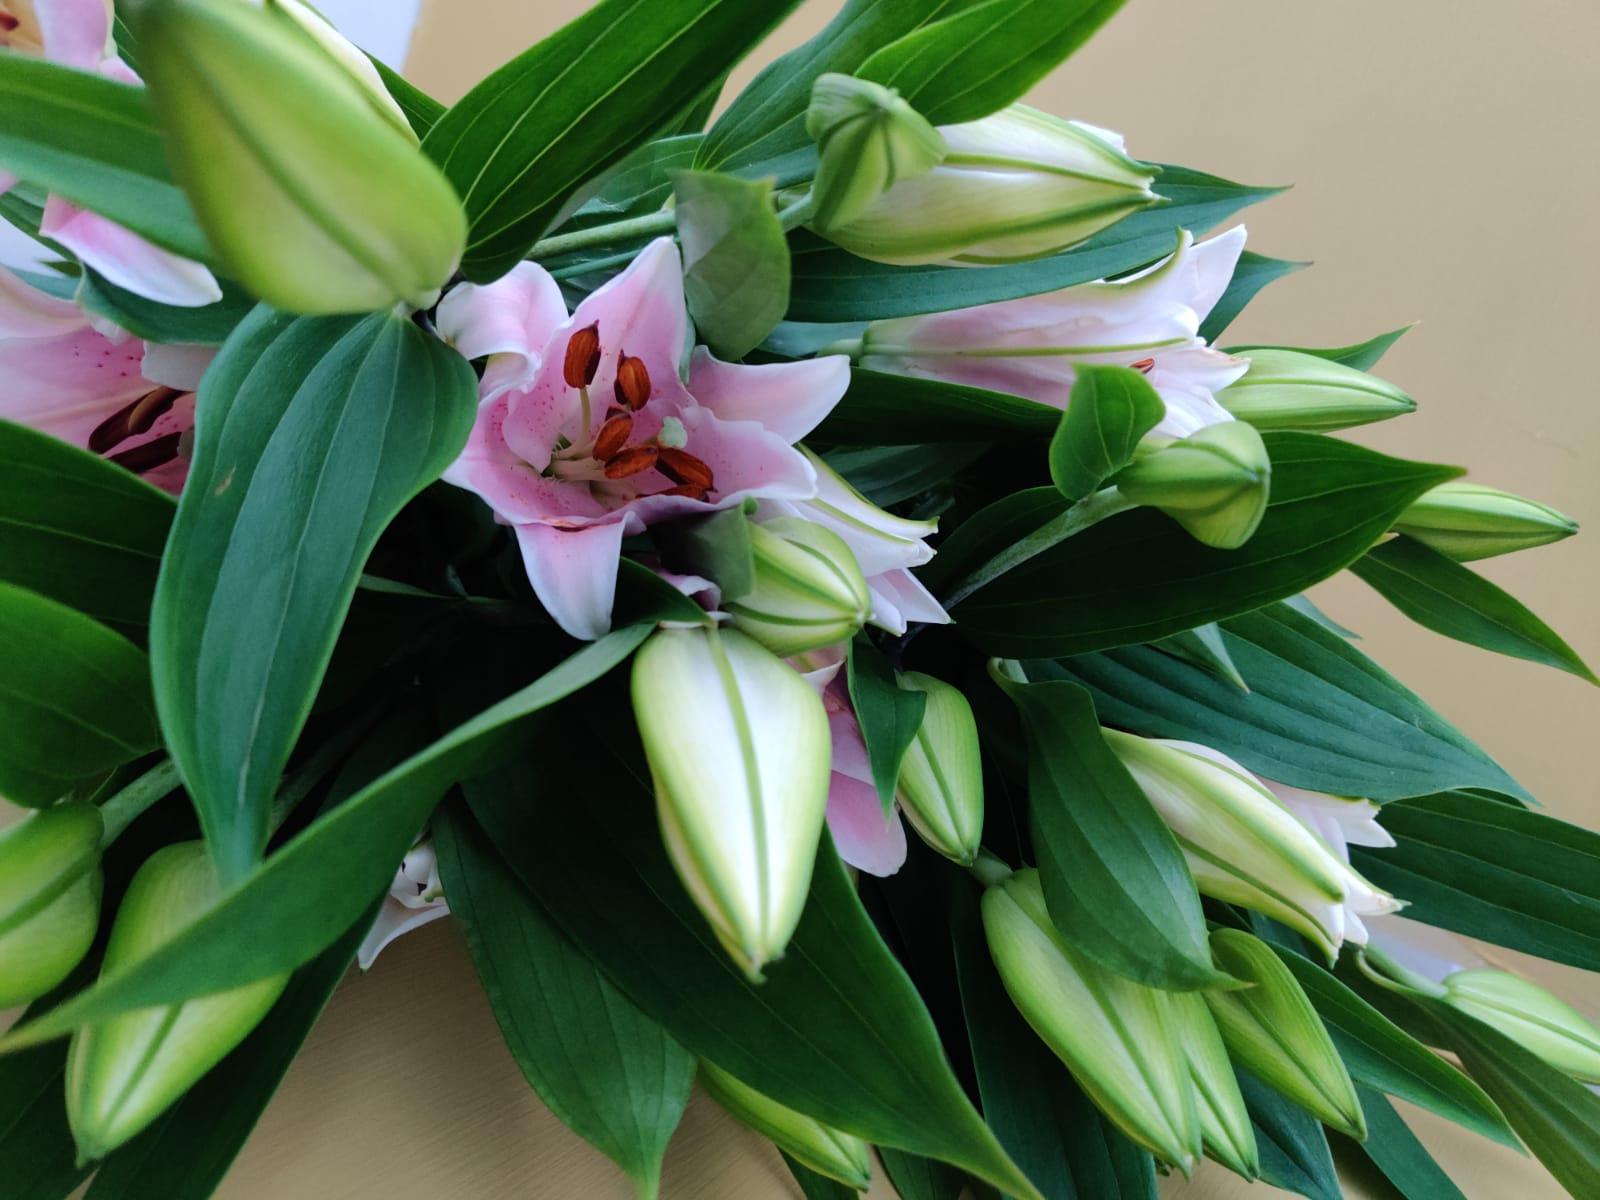 زنبق السلام - وردي ' الزهور بالجملة زهور مقطوفة